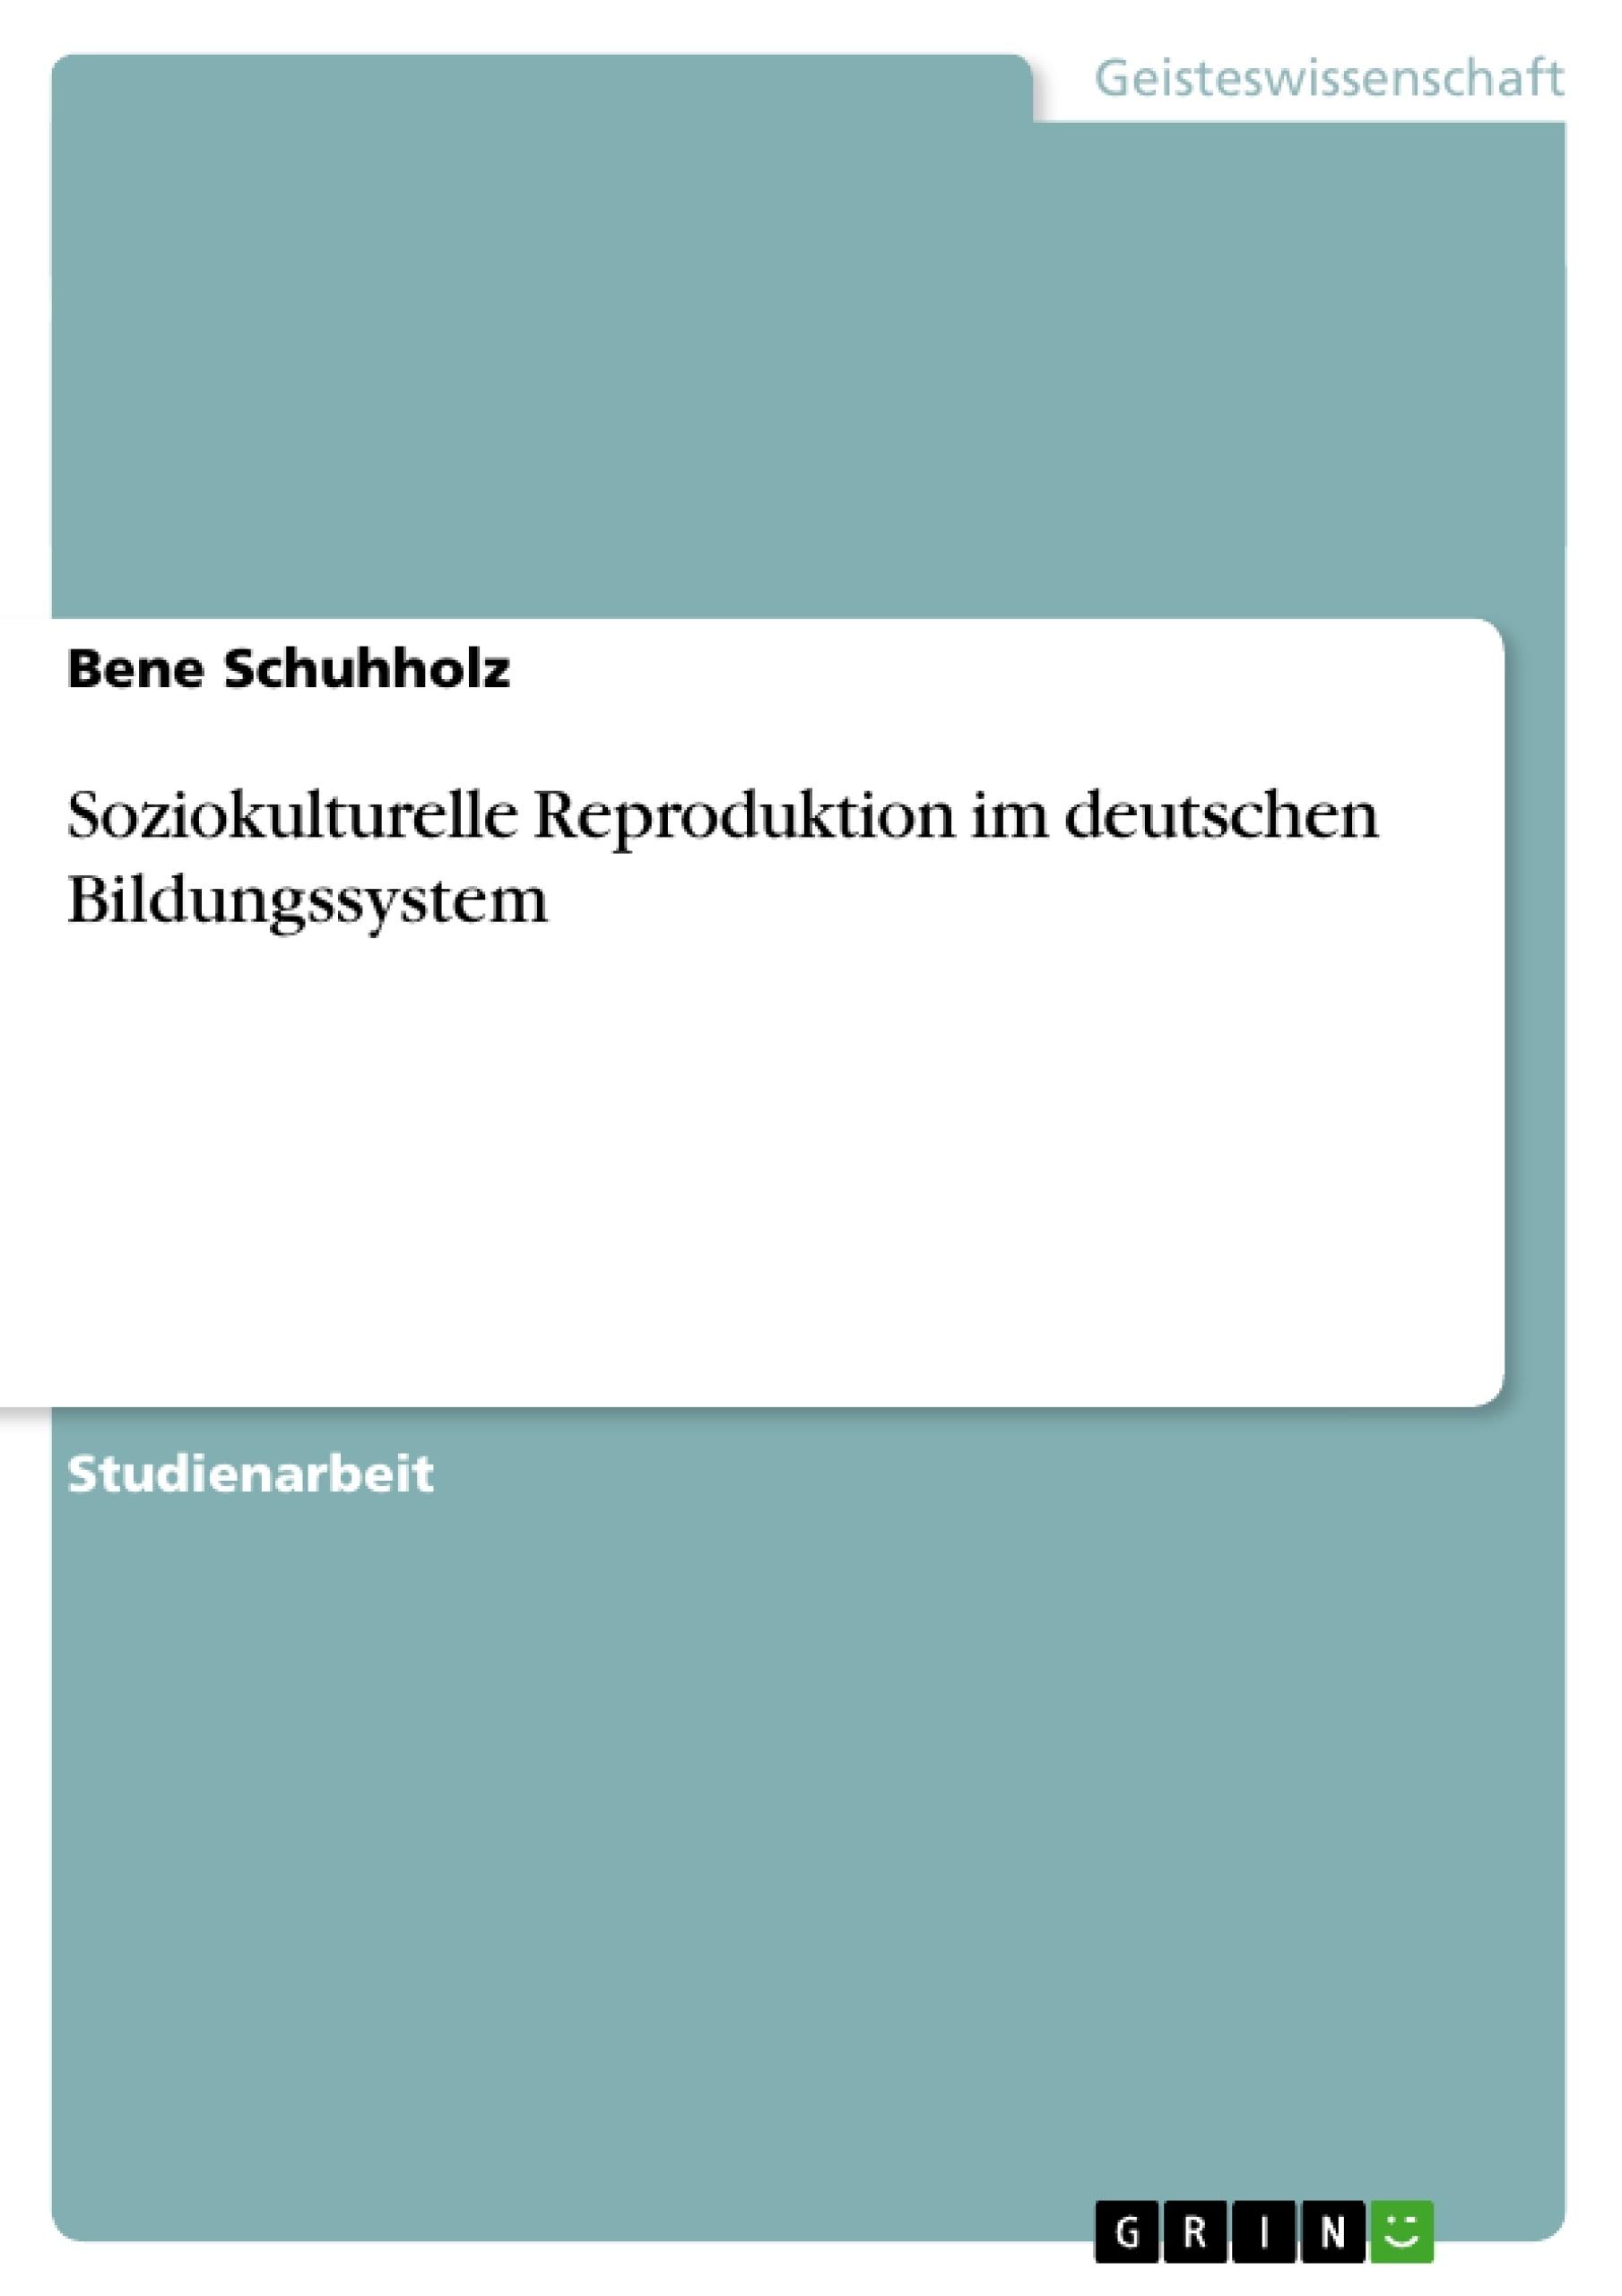 Titel: Soziokulturelle Reproduktion im deutschen Bildungssystem